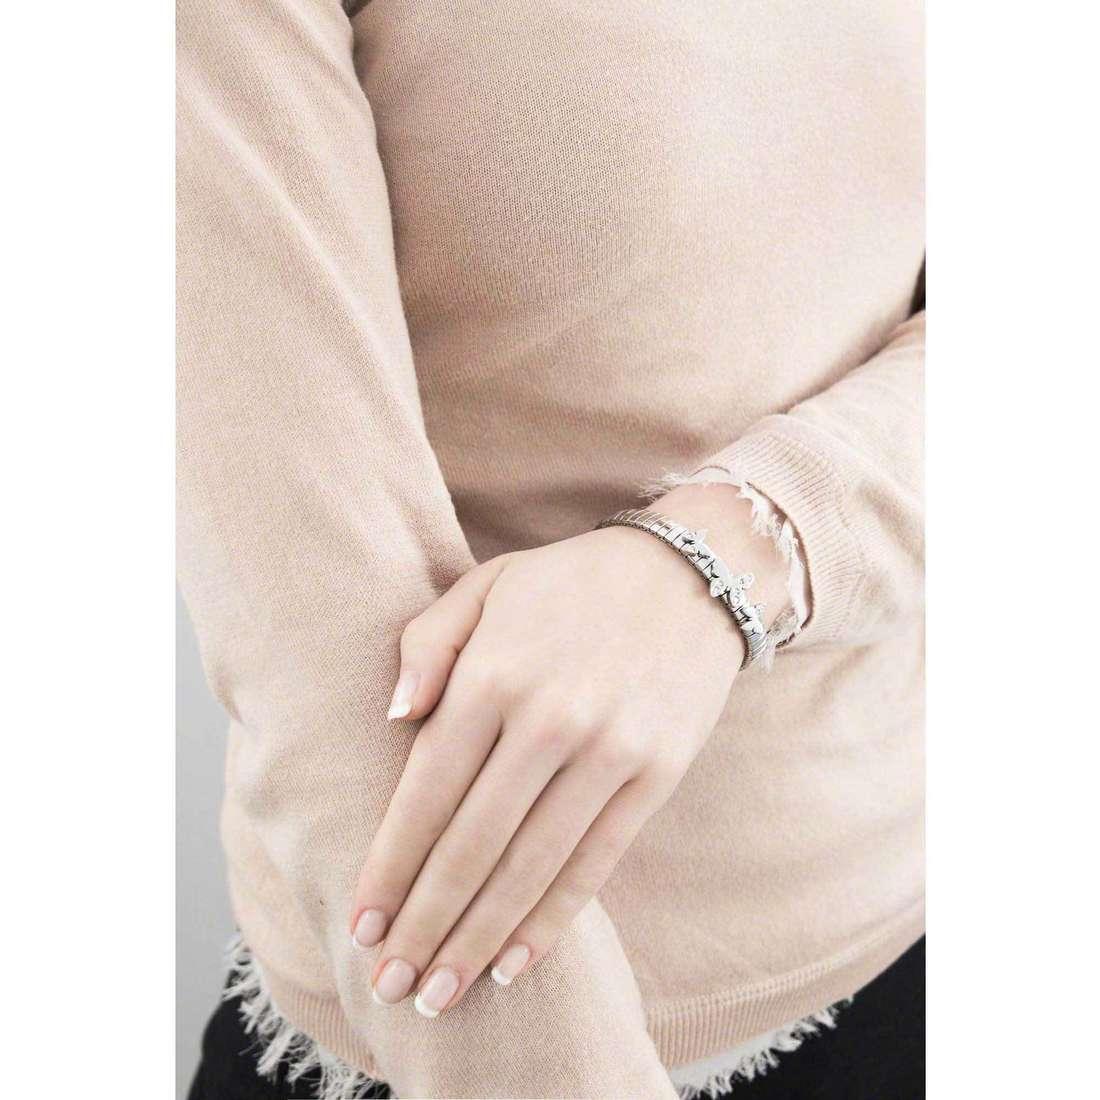 Nomination bracelets Butterfly woman 021300/001 indosso